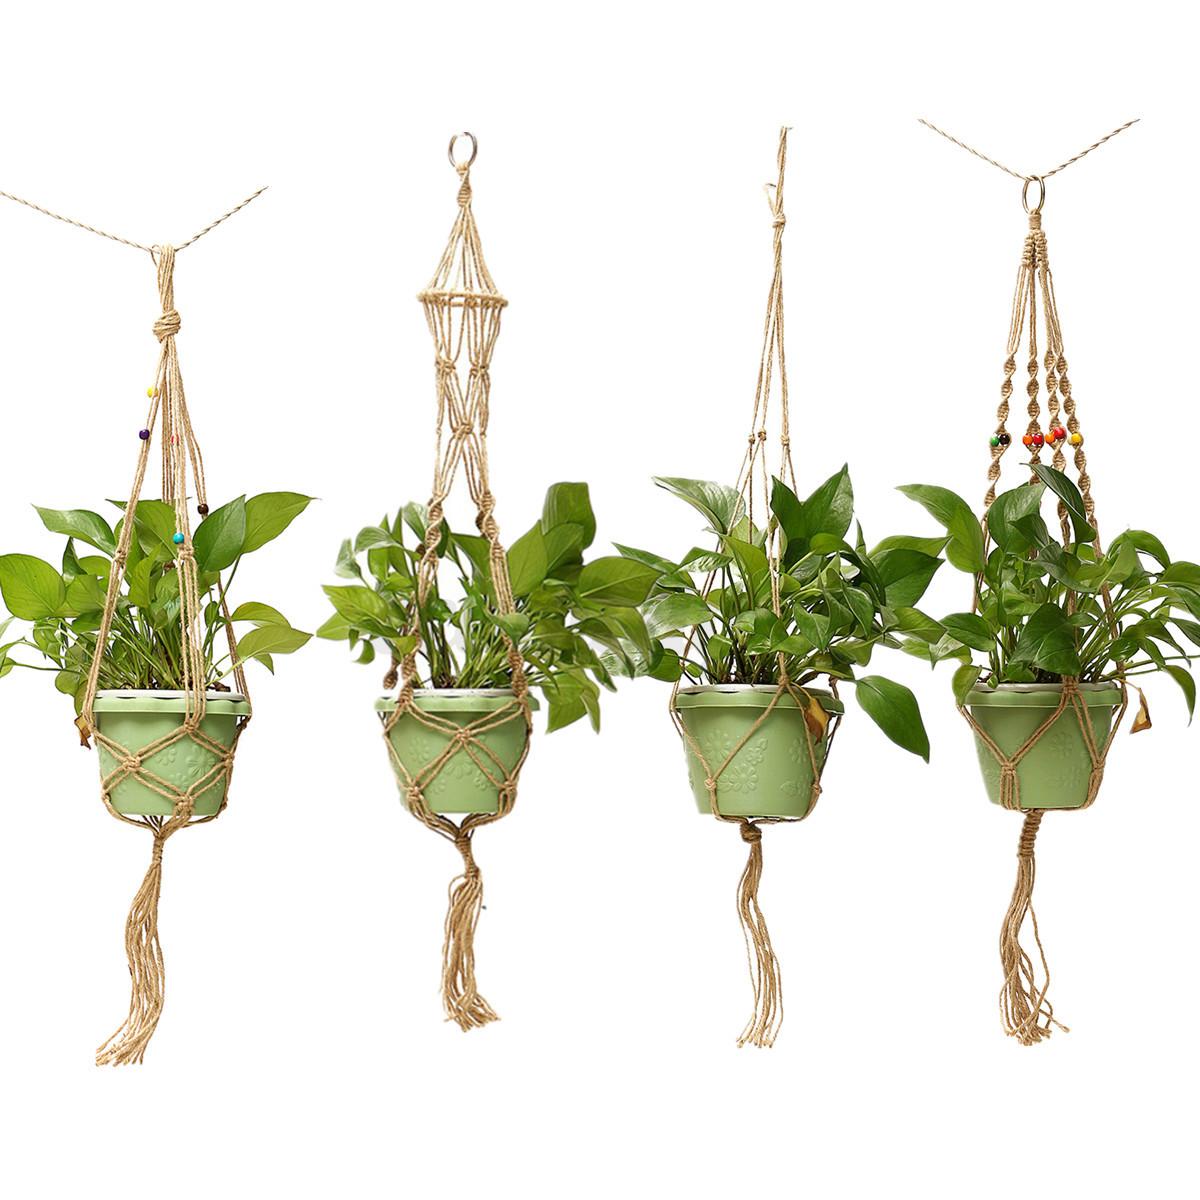 Handmade Jute Macrame Cord Plant Hanger Flower Pot Holder